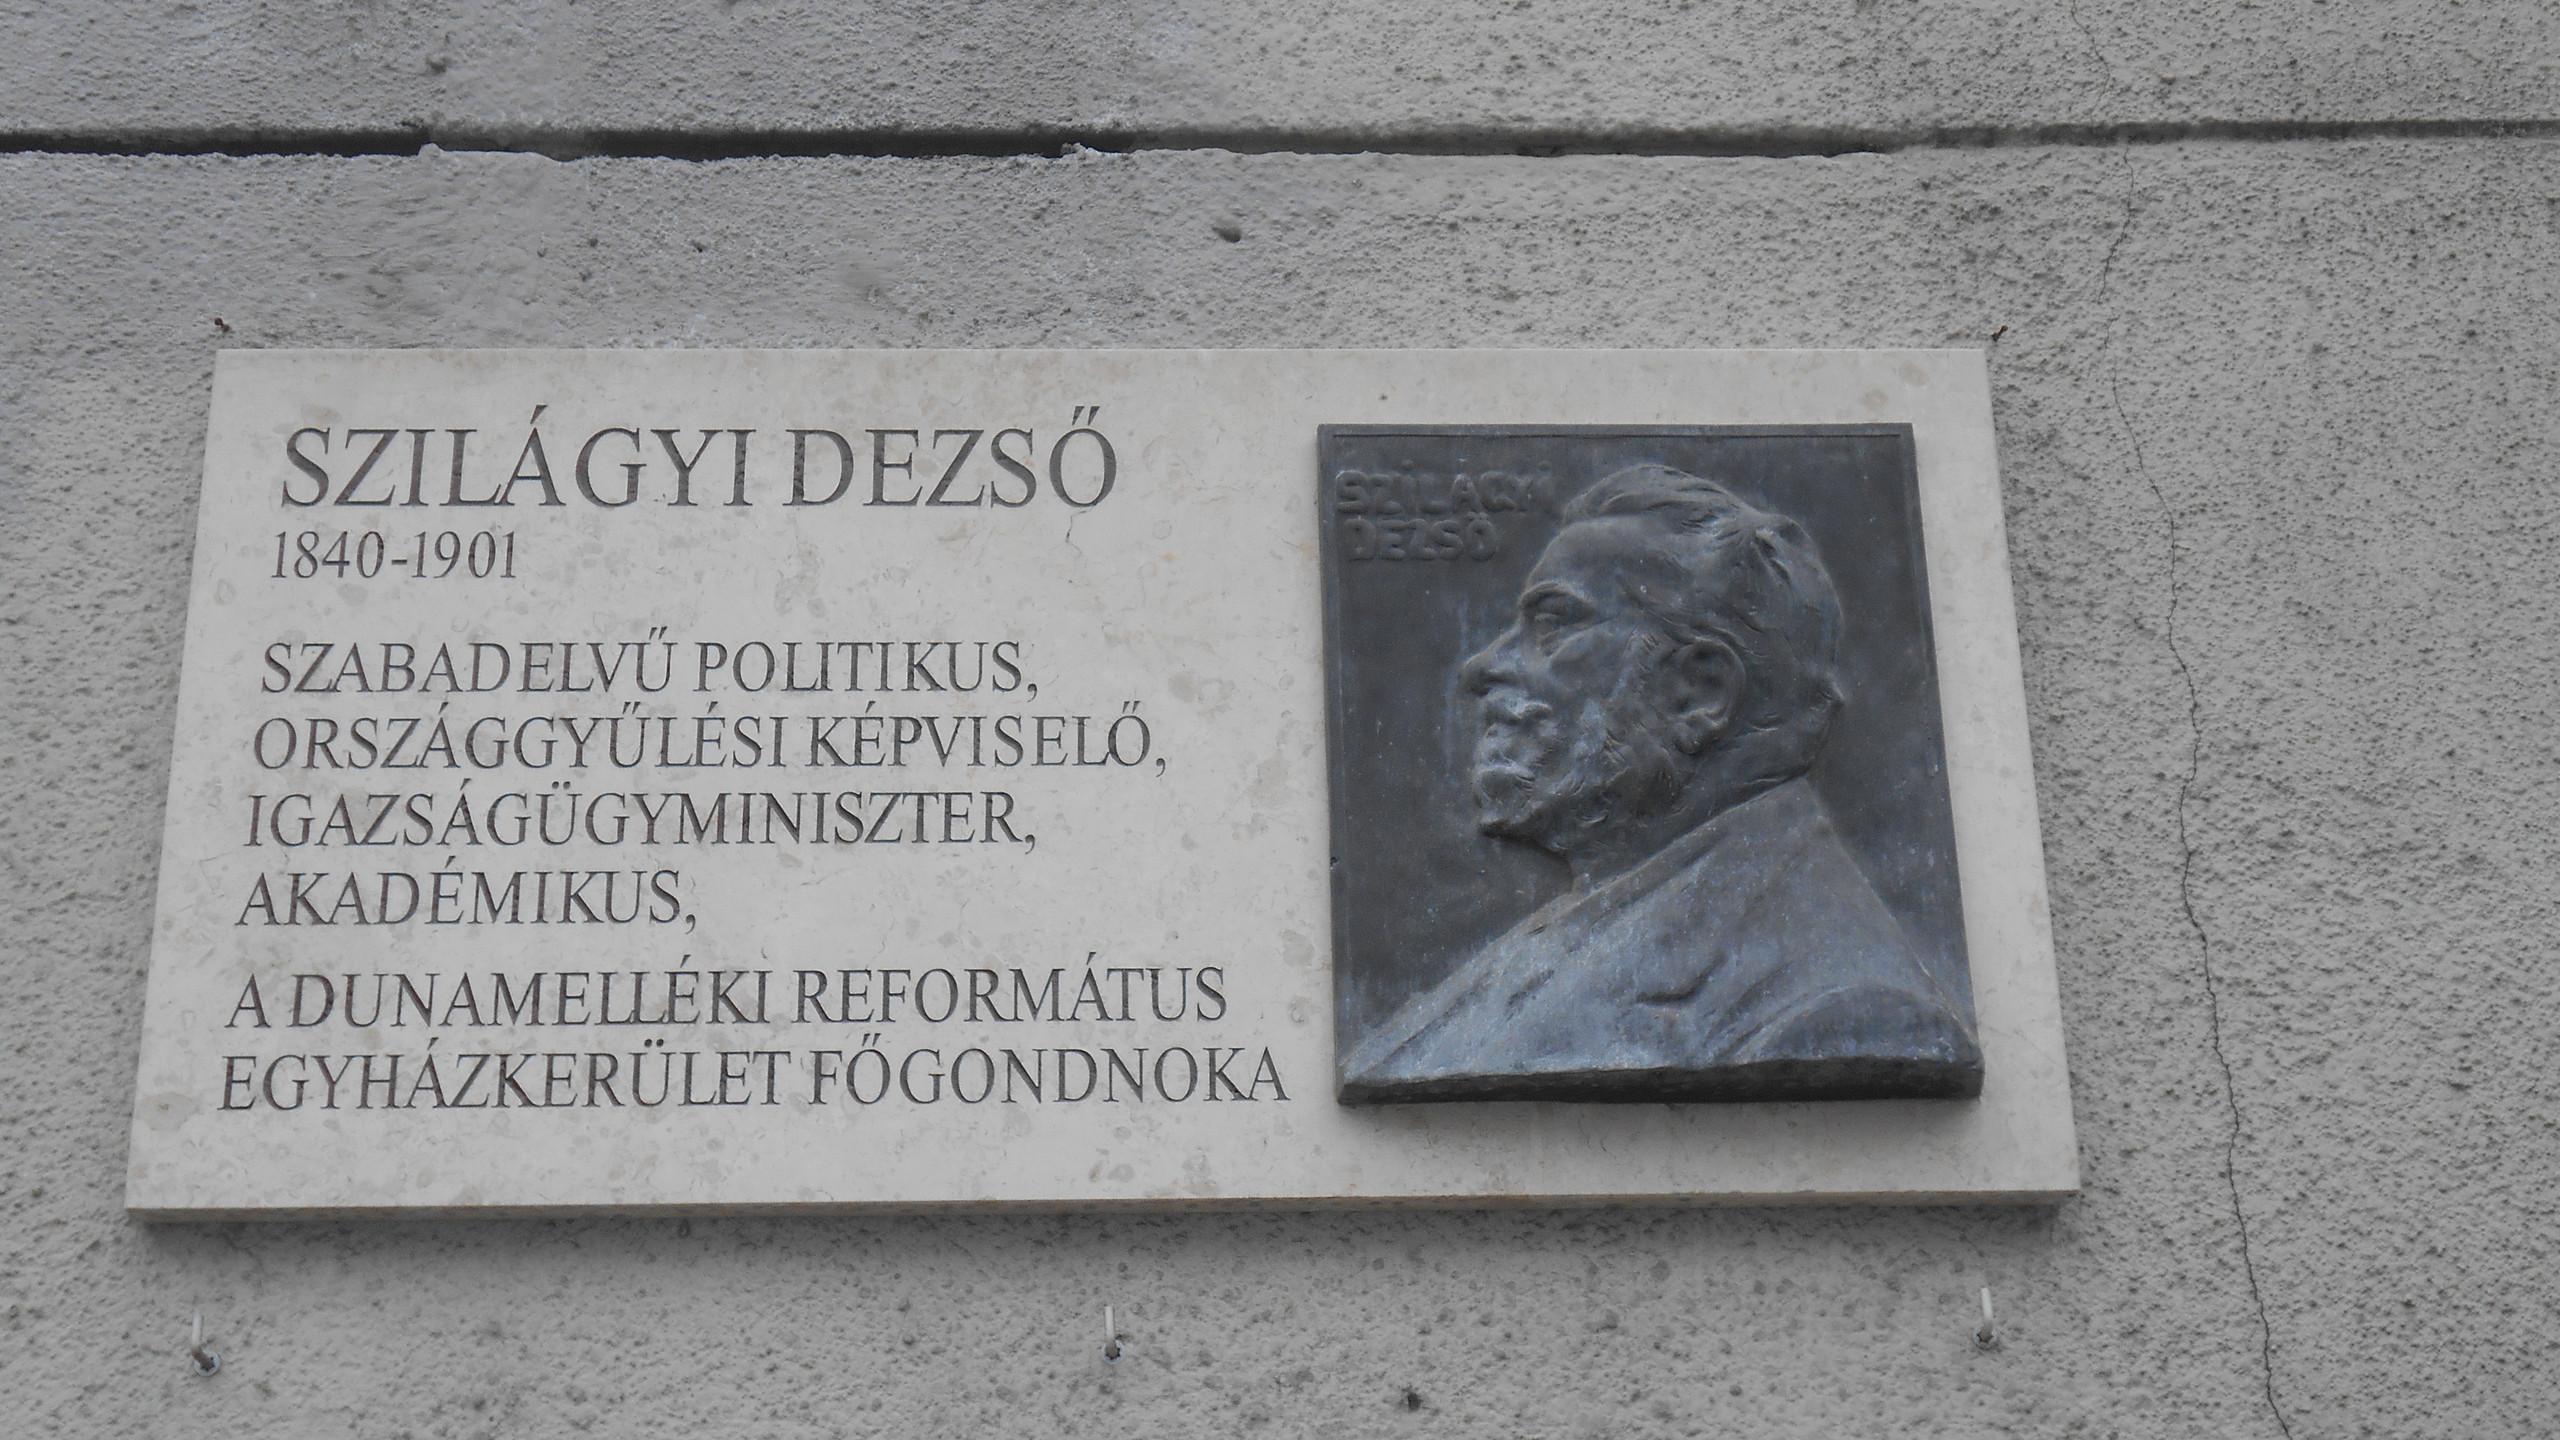 Szilágyi Dezső tér 3. sz. háza